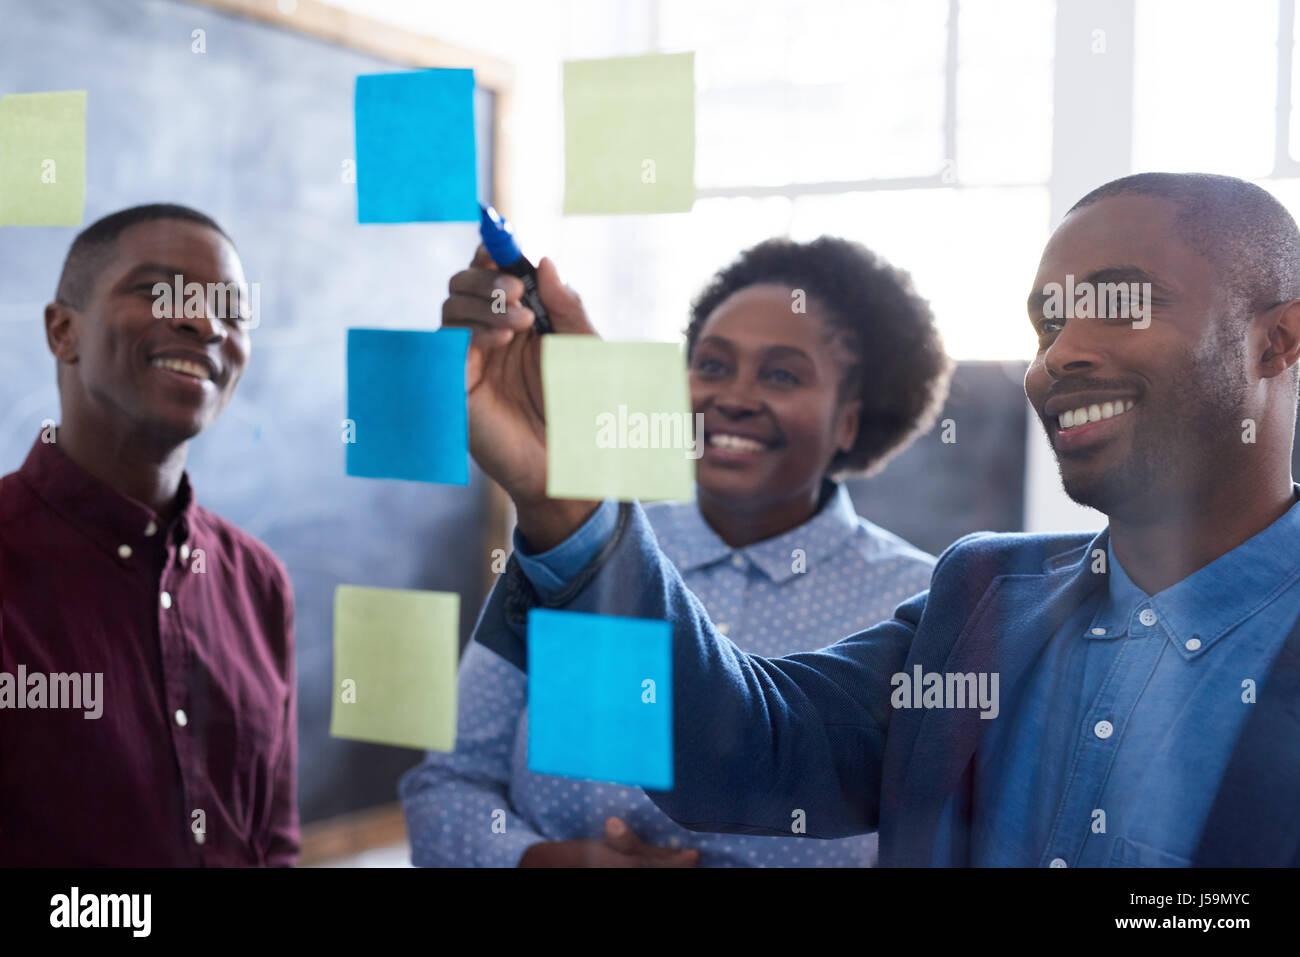 Compañeros de trabajo africana positiva brainstorming juntos en una oficina. Imagen De Stock